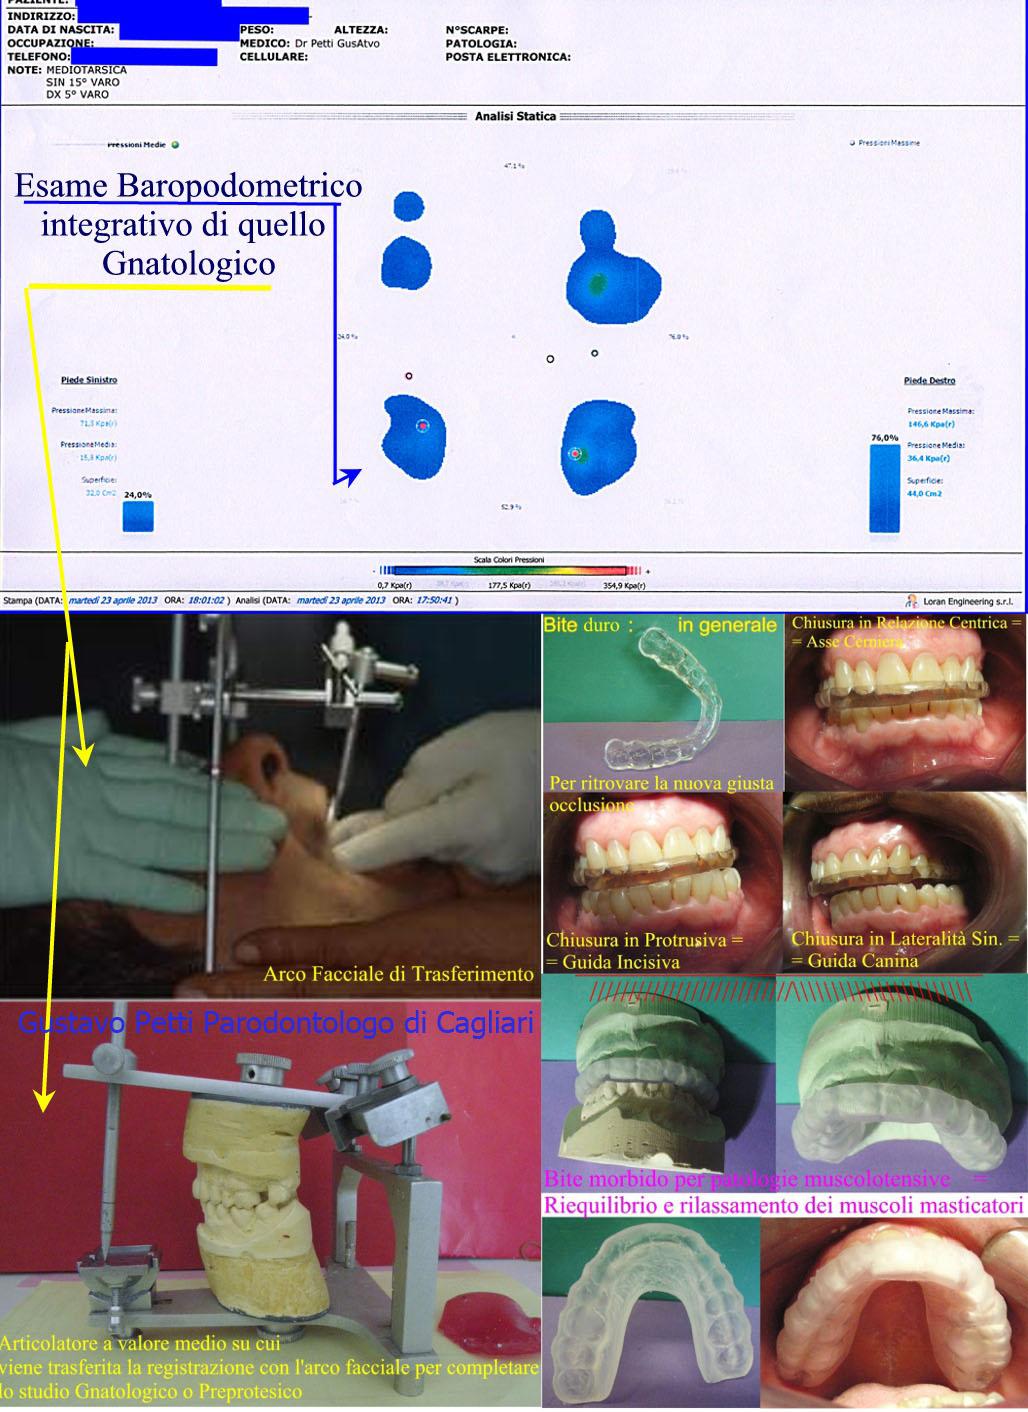 analisi-gnatologica-dr-g.petti-cagliari-192.jpg